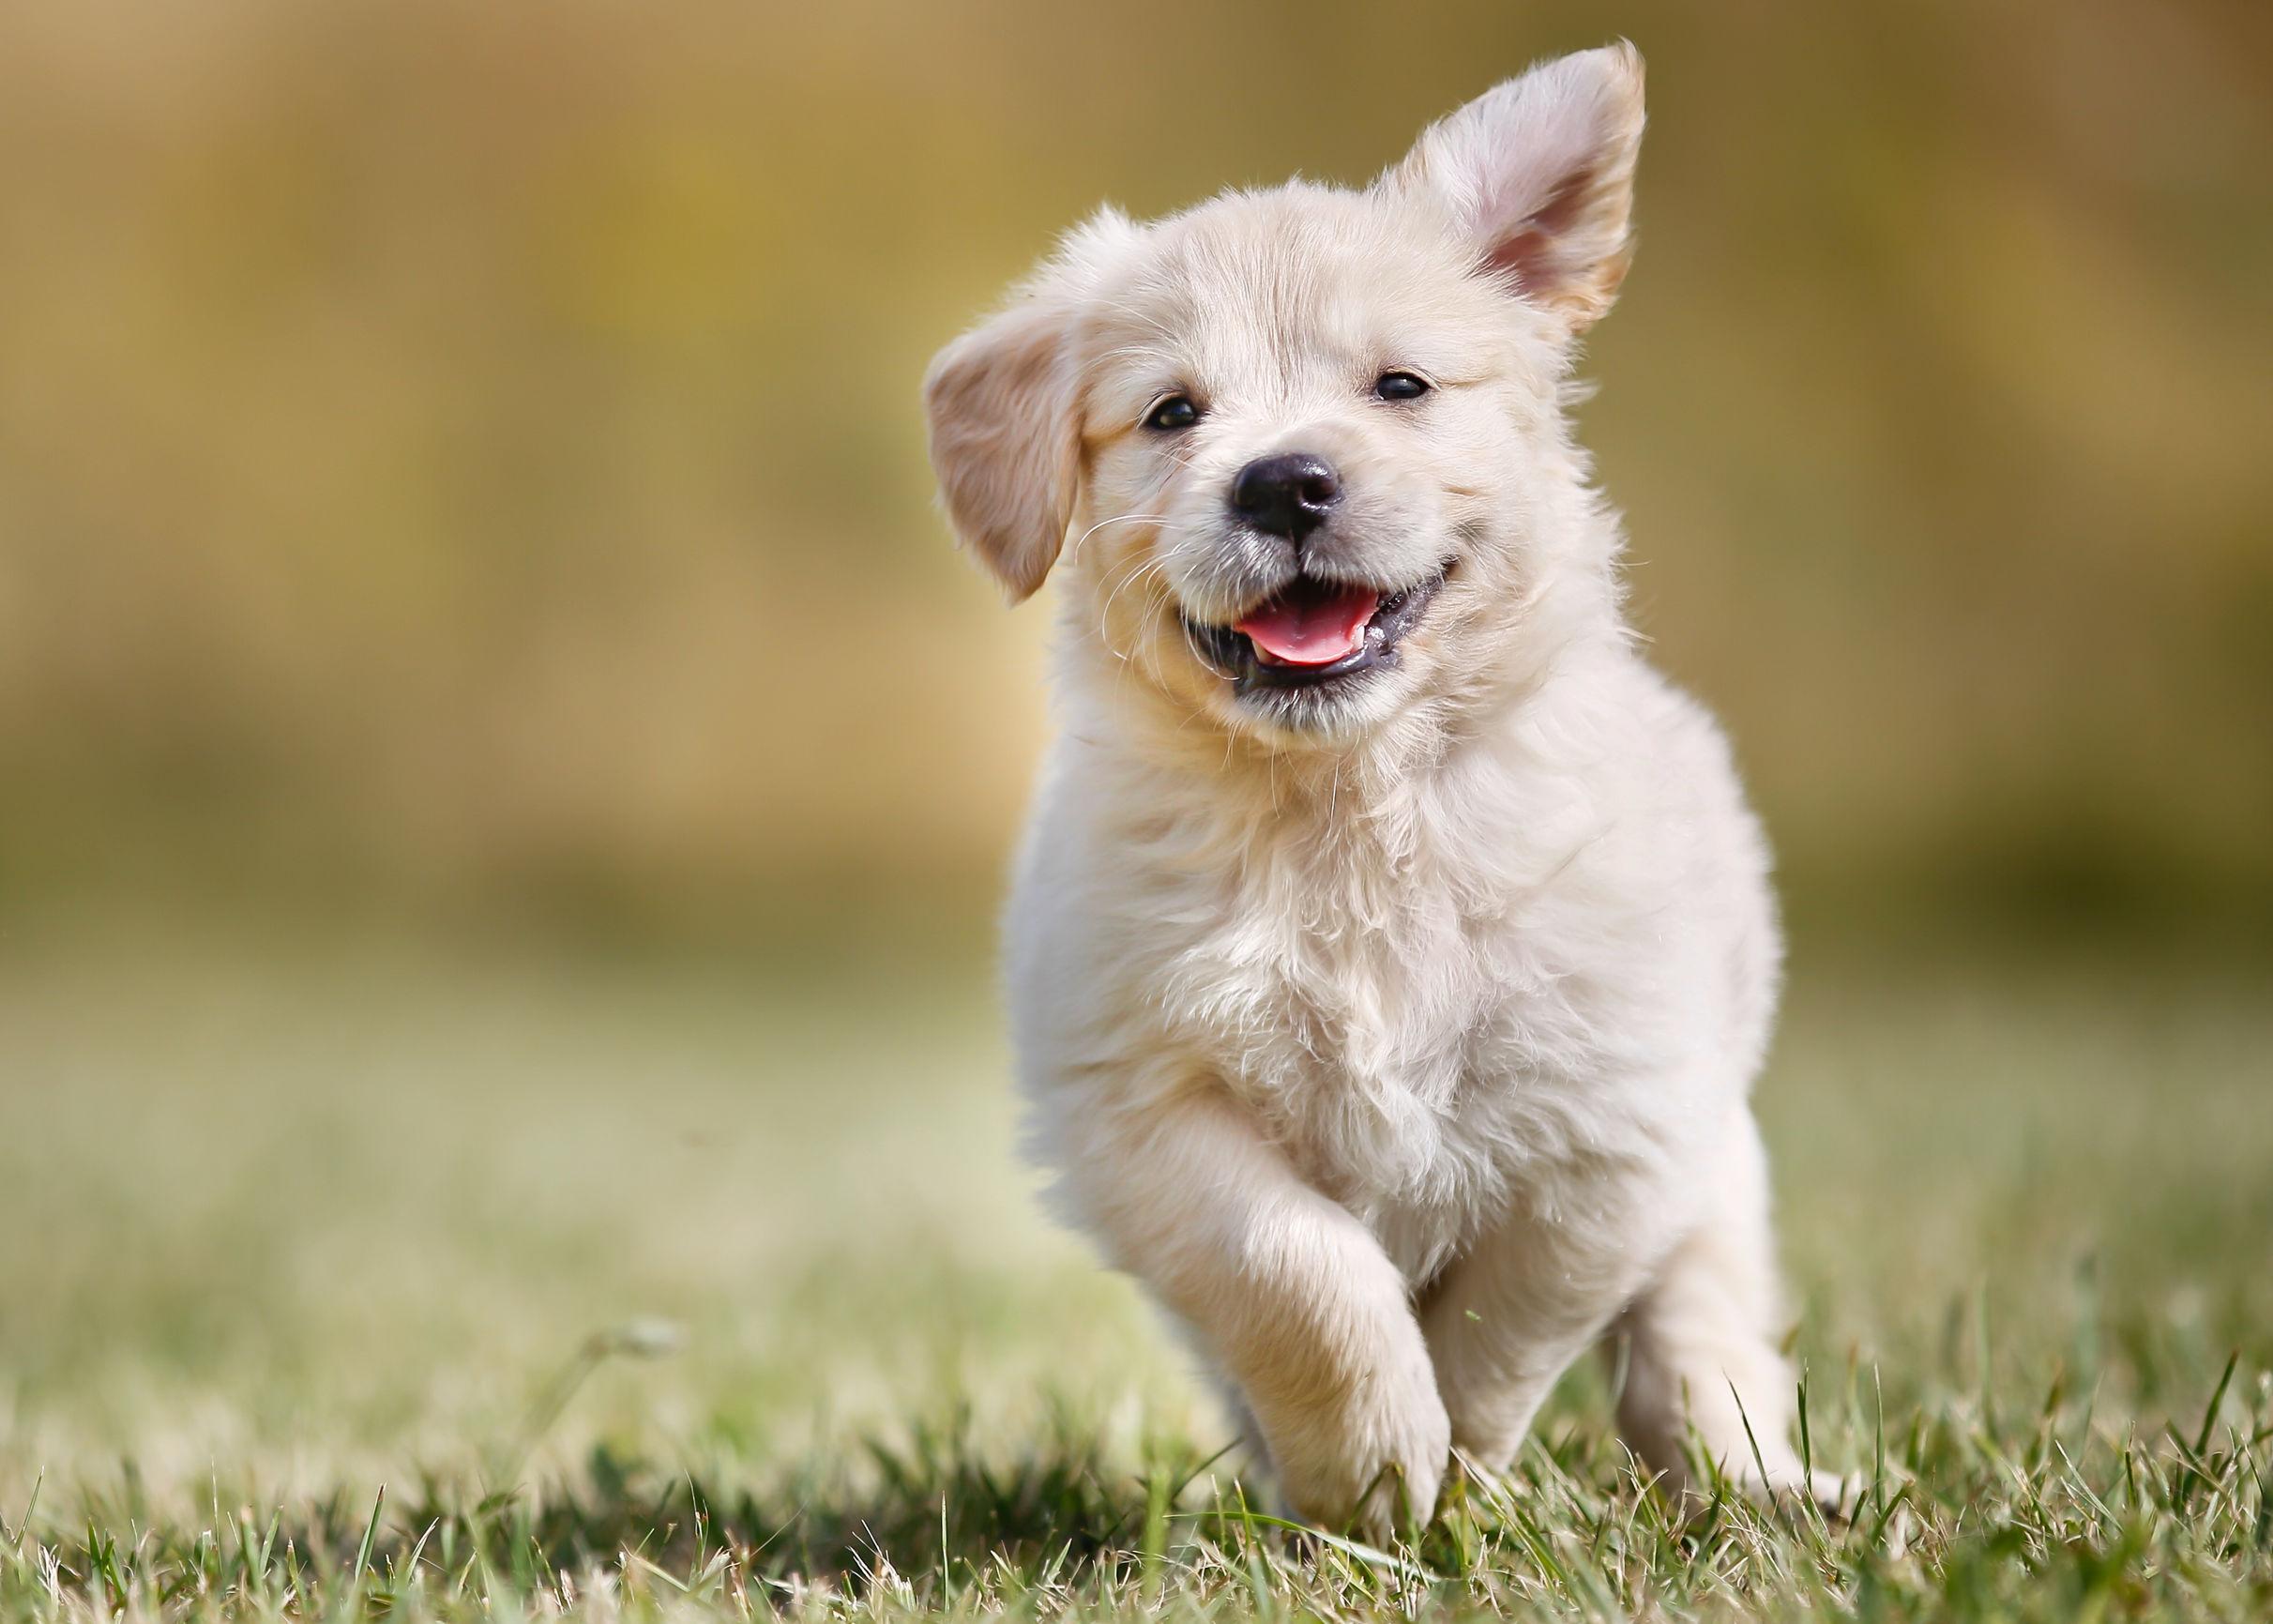 Pastillas para desparasitar perros: ¿Cuál es la mejor del 2021?